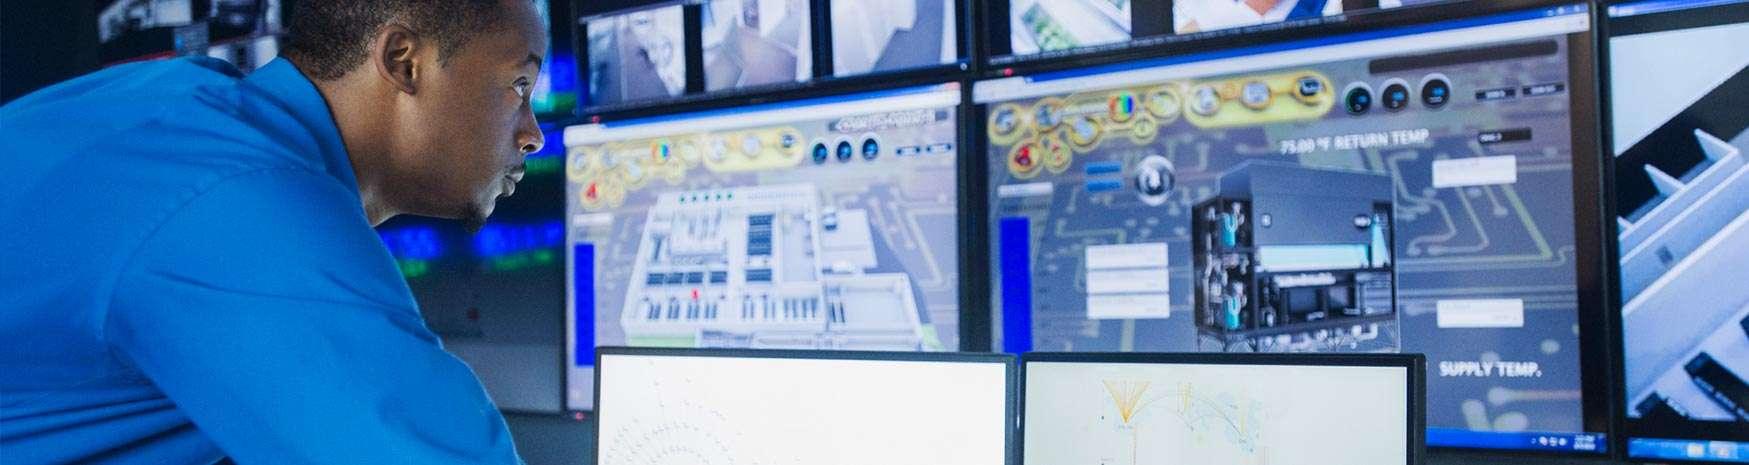 Sécurité et systèmes de surveillance